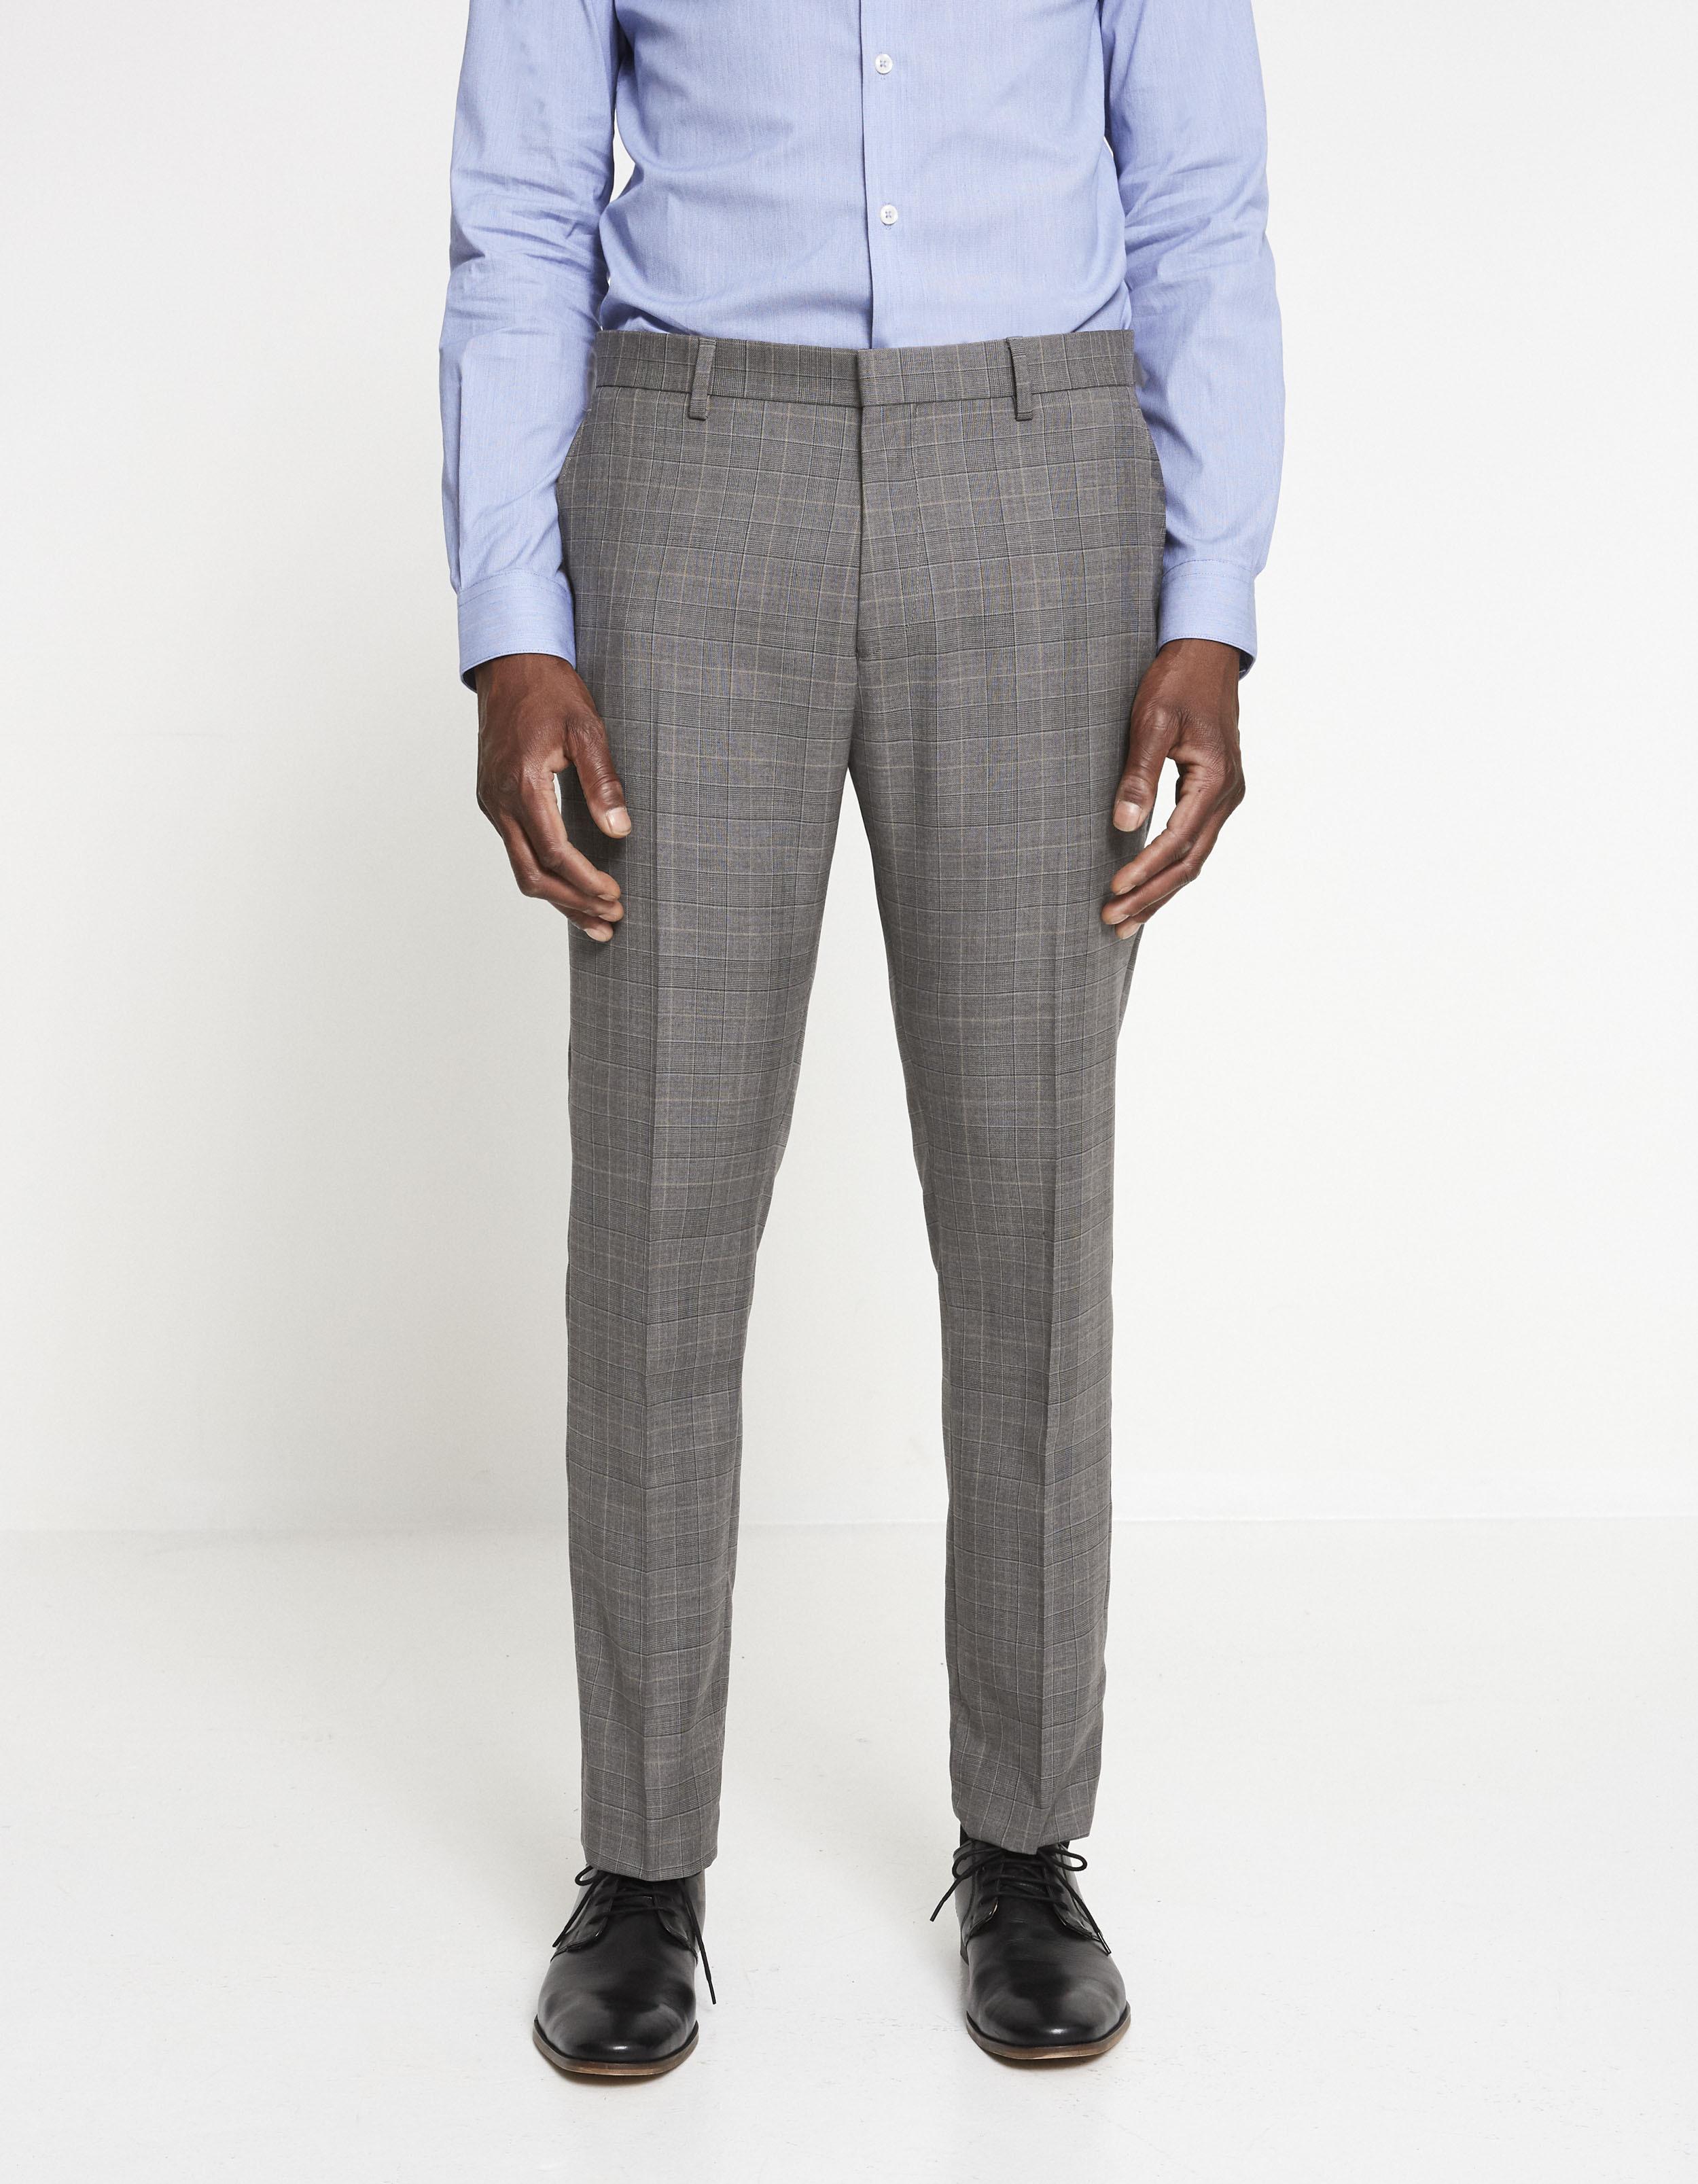 Pantalon Lyes slim 100% laine italienne – gris Prix 99,99 €